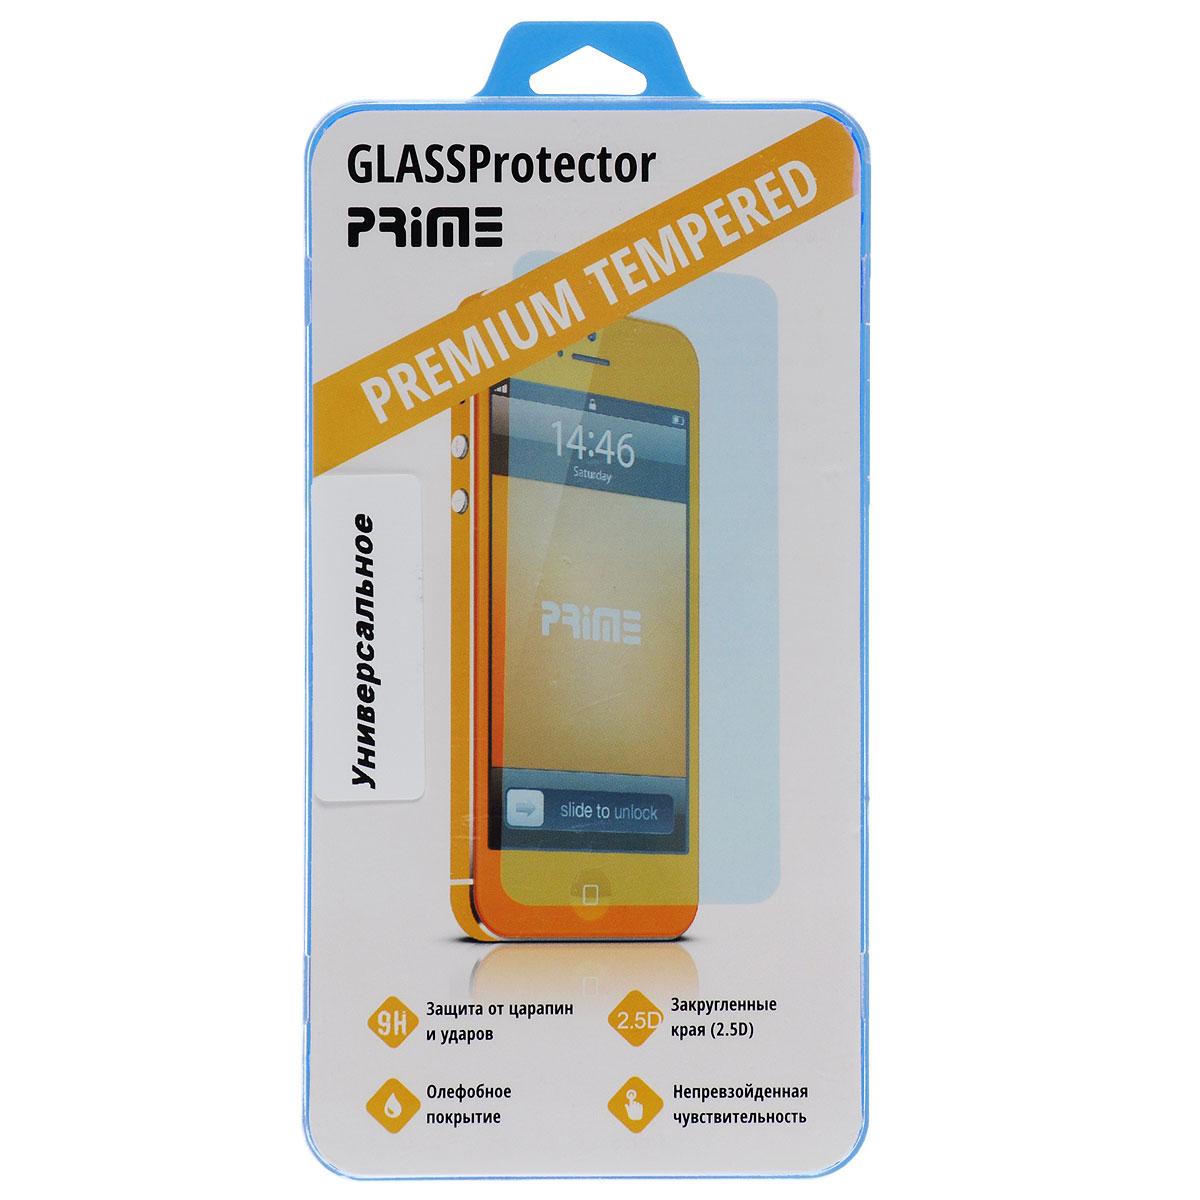 Prime Universal защитное стекло для устройств с экраном 4.7SP-138Прочное защитное стекло Prime Universal выполнено путем закаливания. Обеспечивает более высокий уровень защиты по сравнению с обычной пленкой. При этом яркость и чувствительность дисплея не будут ограничены.Препятствует появлению воздушных пузырей и надежно крепится на экране устройства. Имеет олеофобное покрытие.